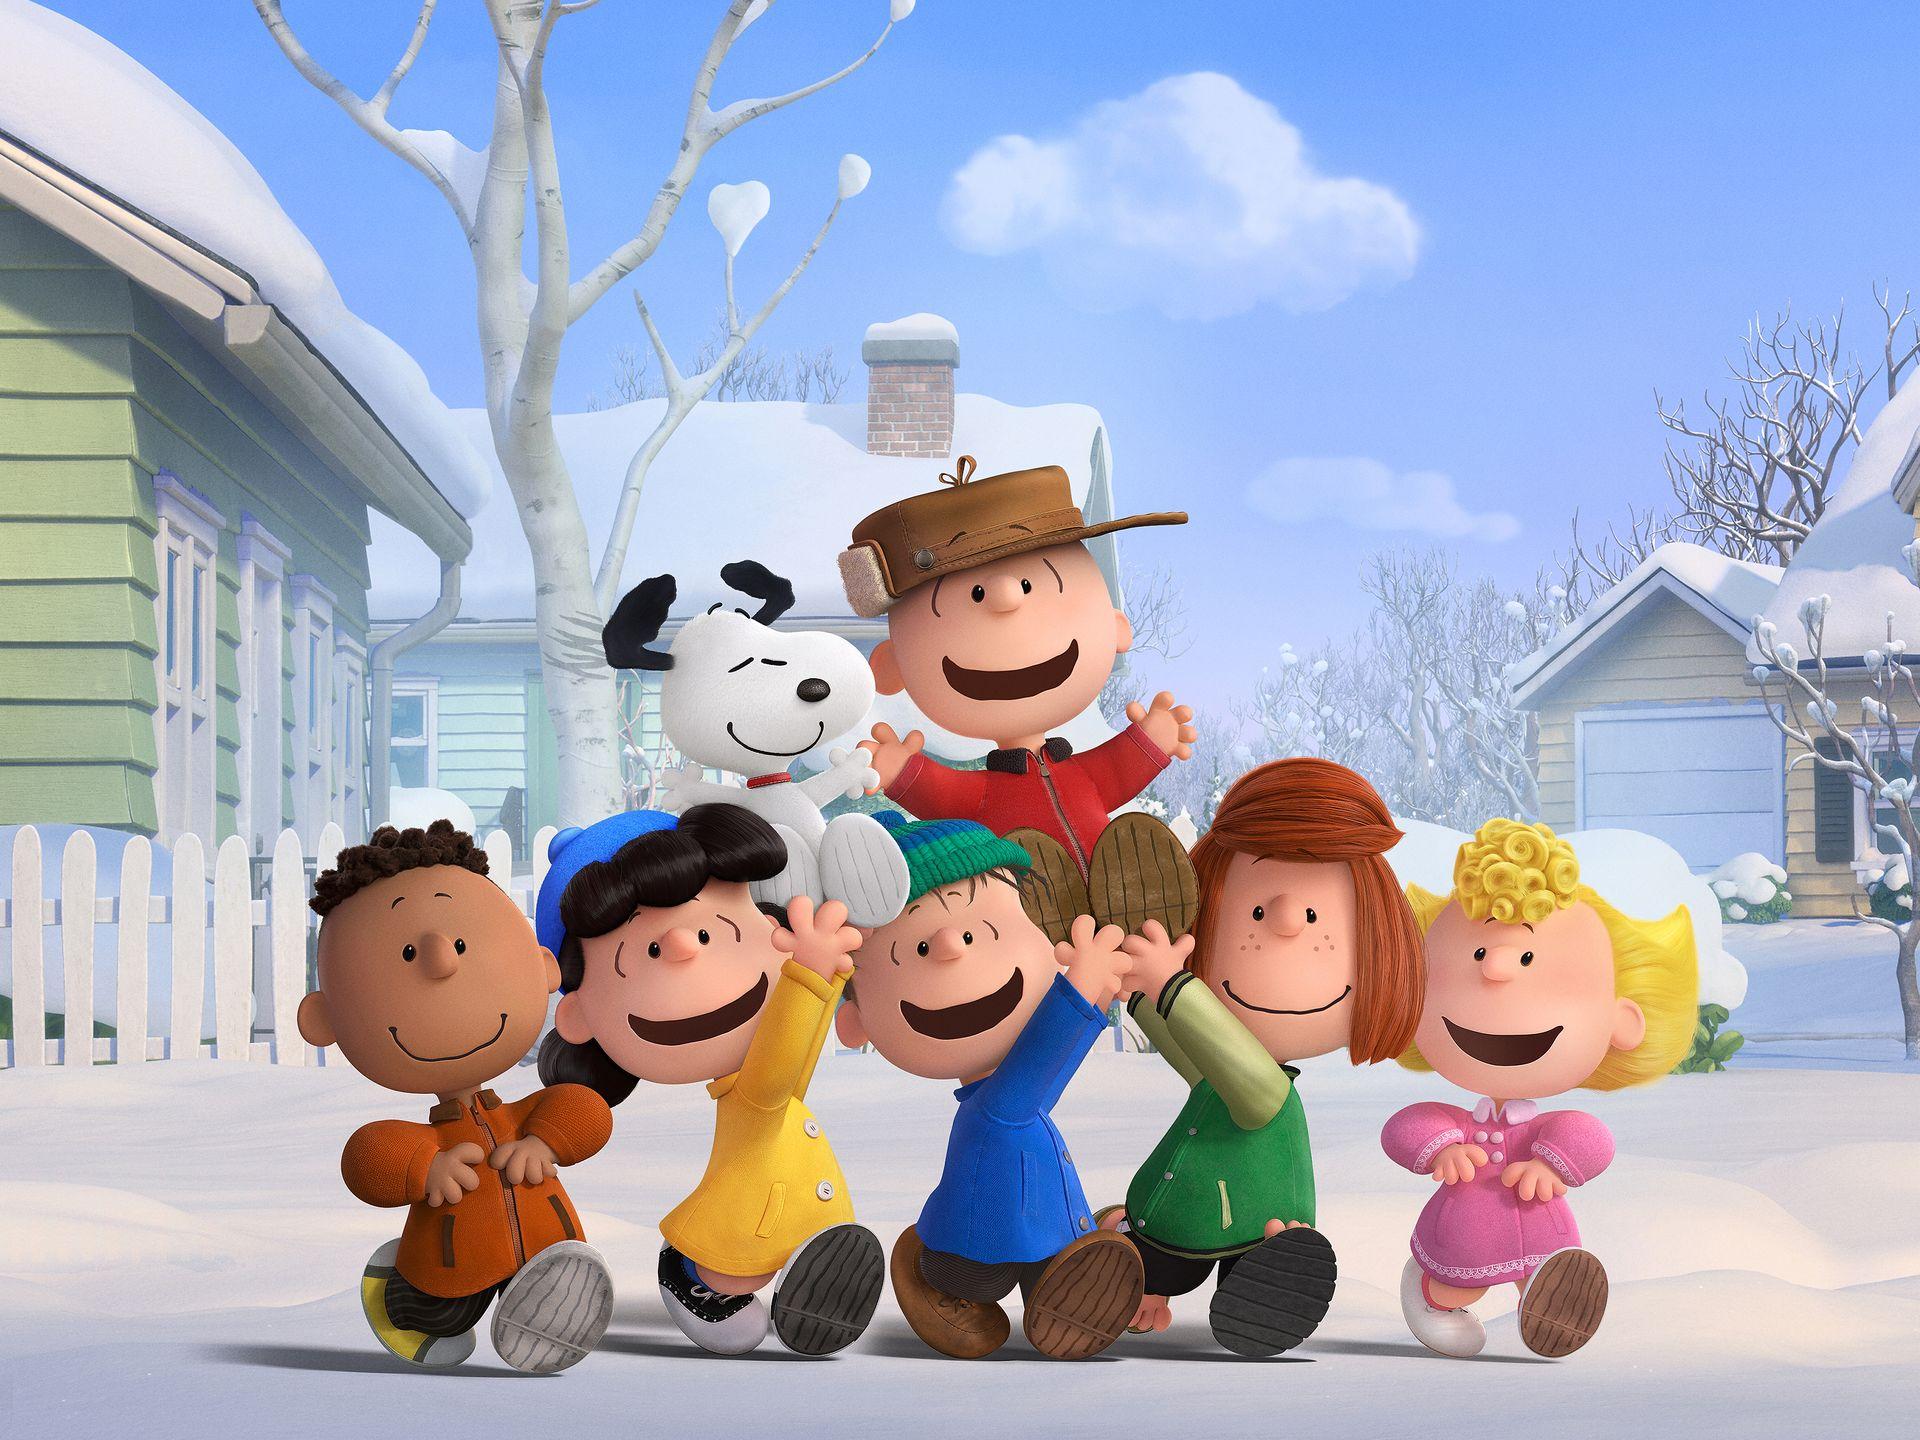 Peanuts-Image